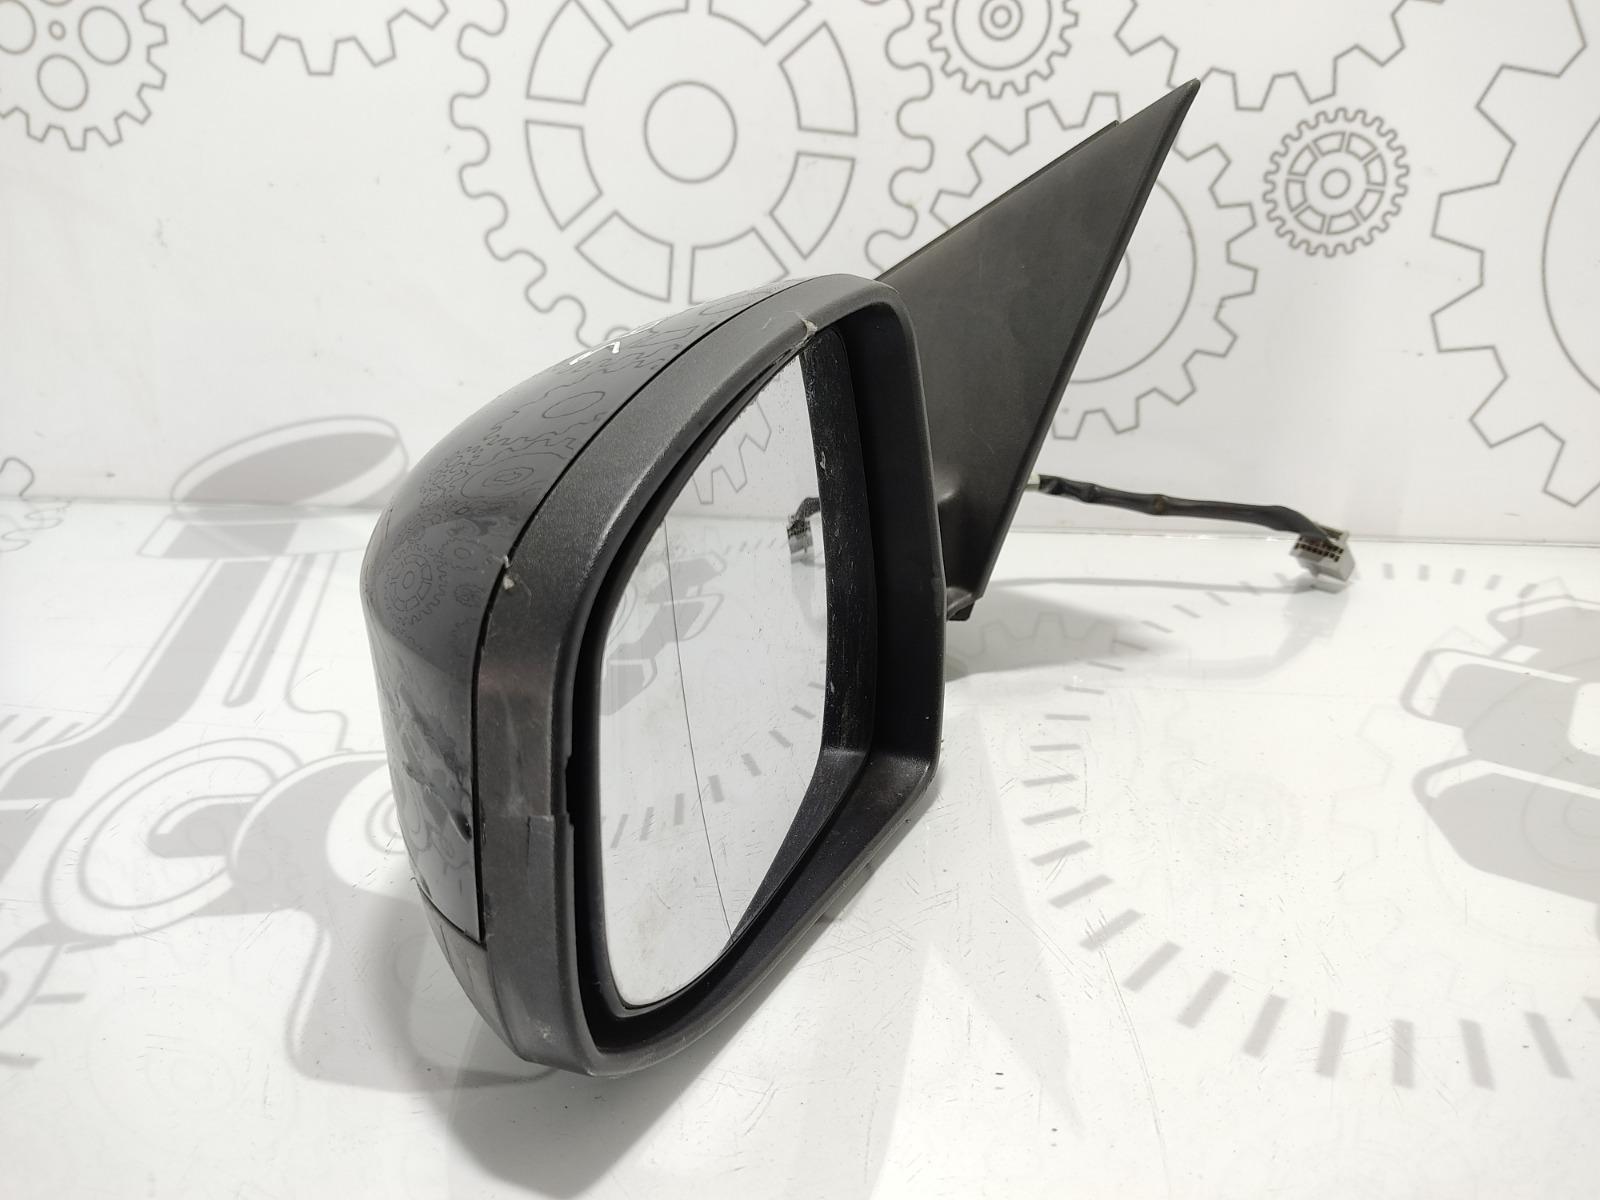 Зеркало наружное левое Ford Mondeo 2.0 TDCI 2008 (б/у)